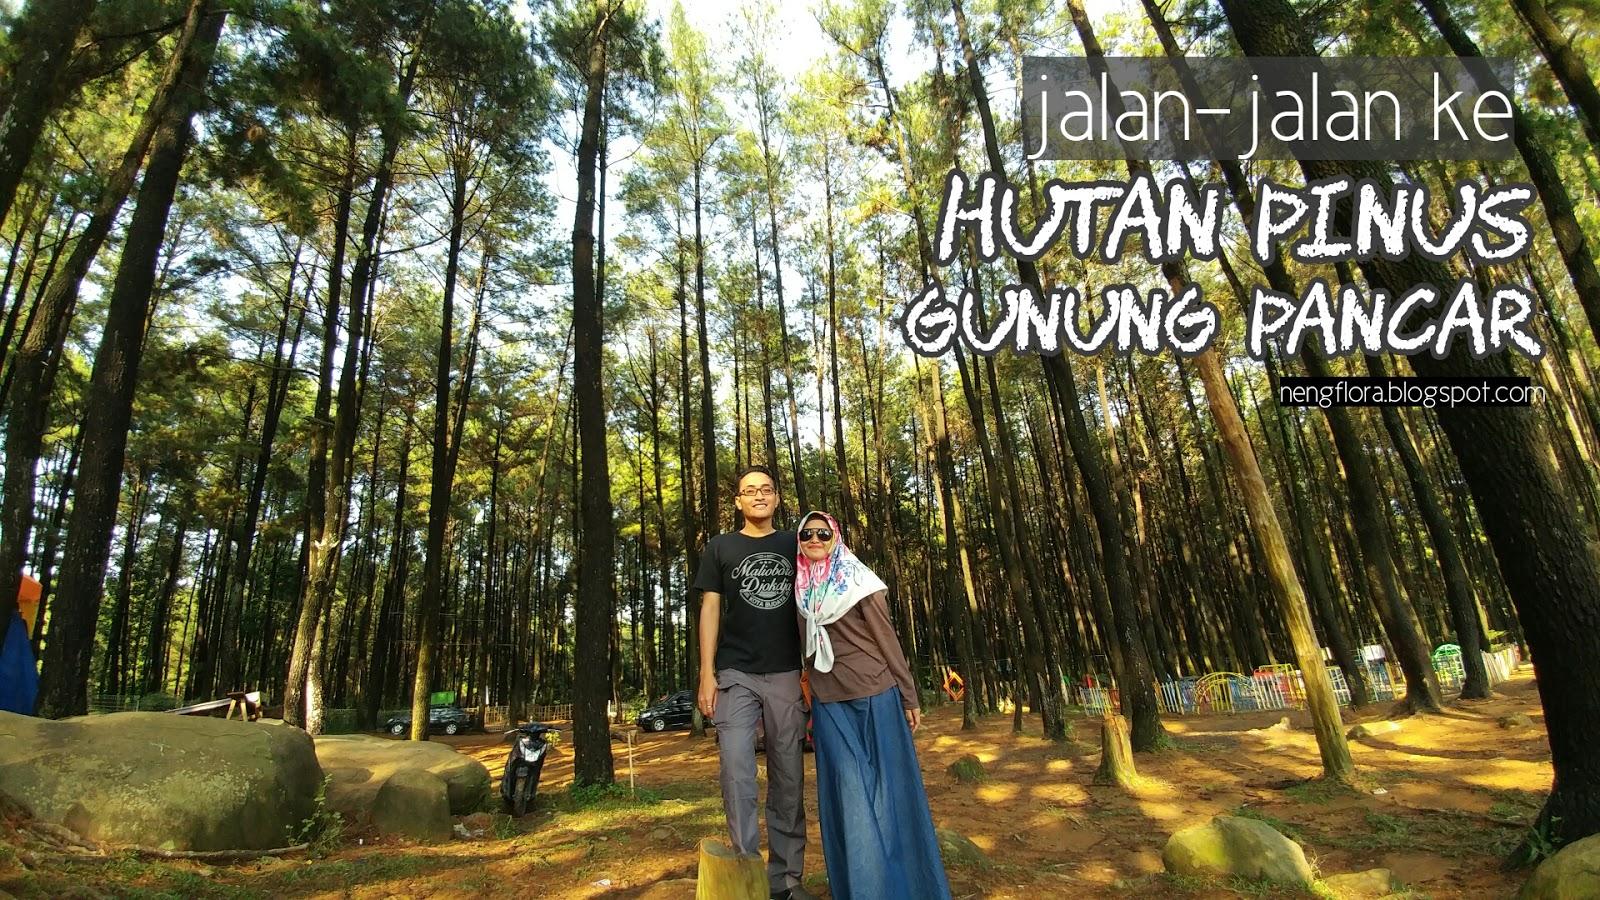 Foto-foto dan Jalan Pagi di Hutan Pinus Gunung Pancar, Sentul - Cerita Nengflora